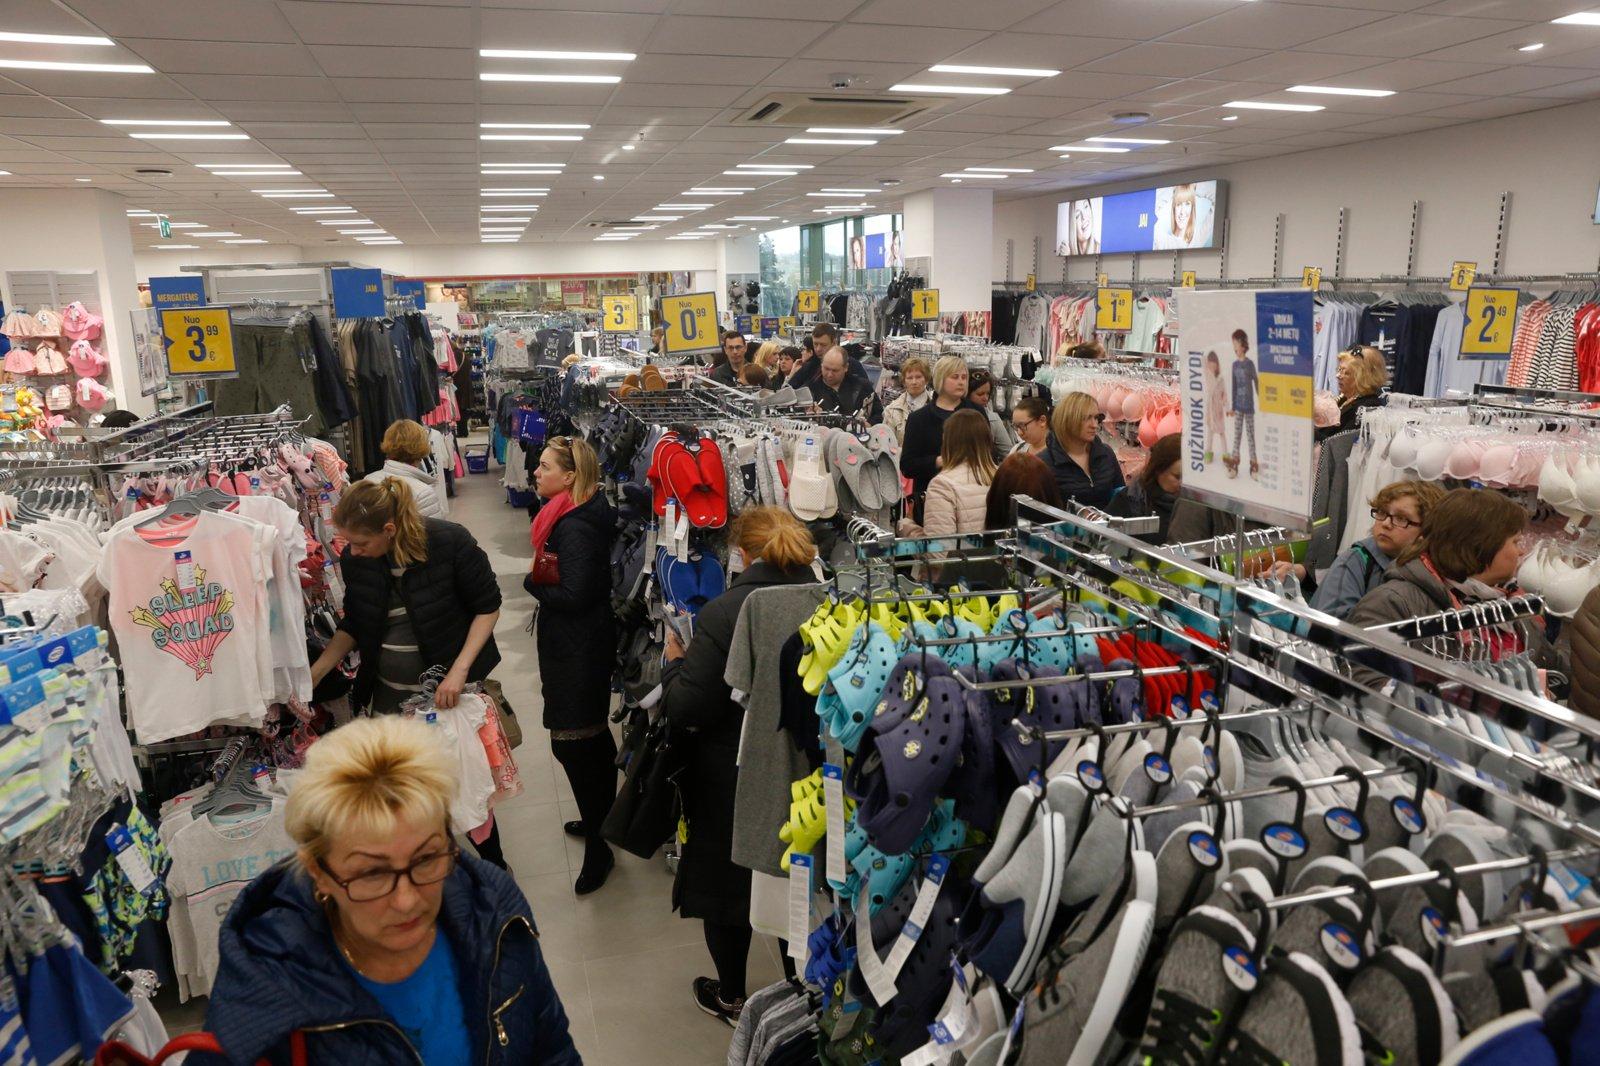 Lietuviai nebemato prasmės nei pirkti naujų drabužių, nei puoštis šventėms